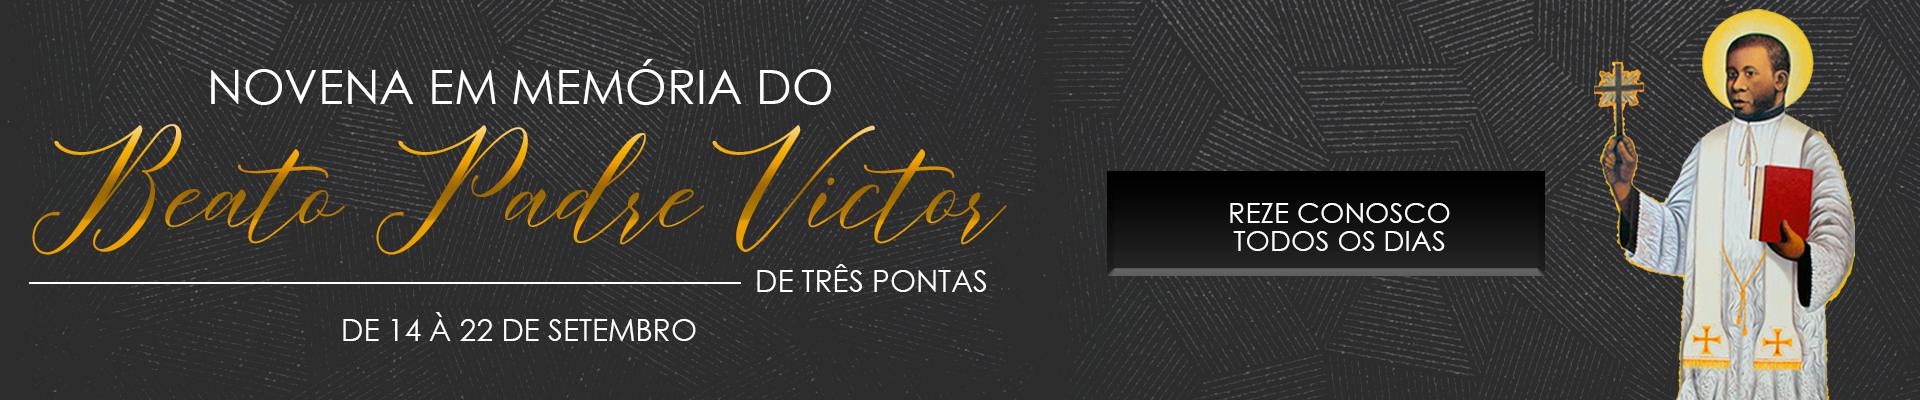 Novena Padre Victor